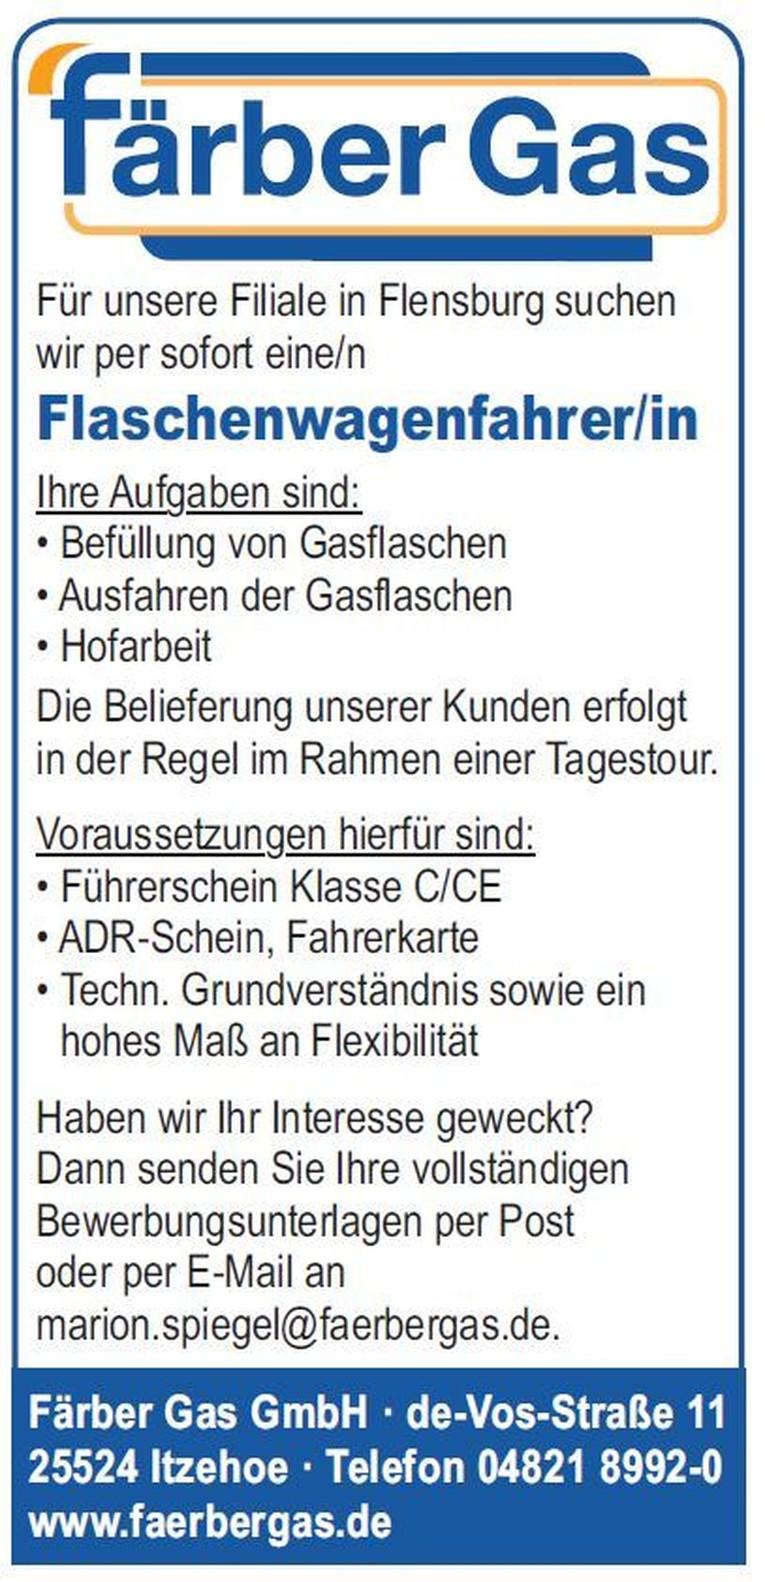 Propanflaschenwagenfahrer/in (m/w)